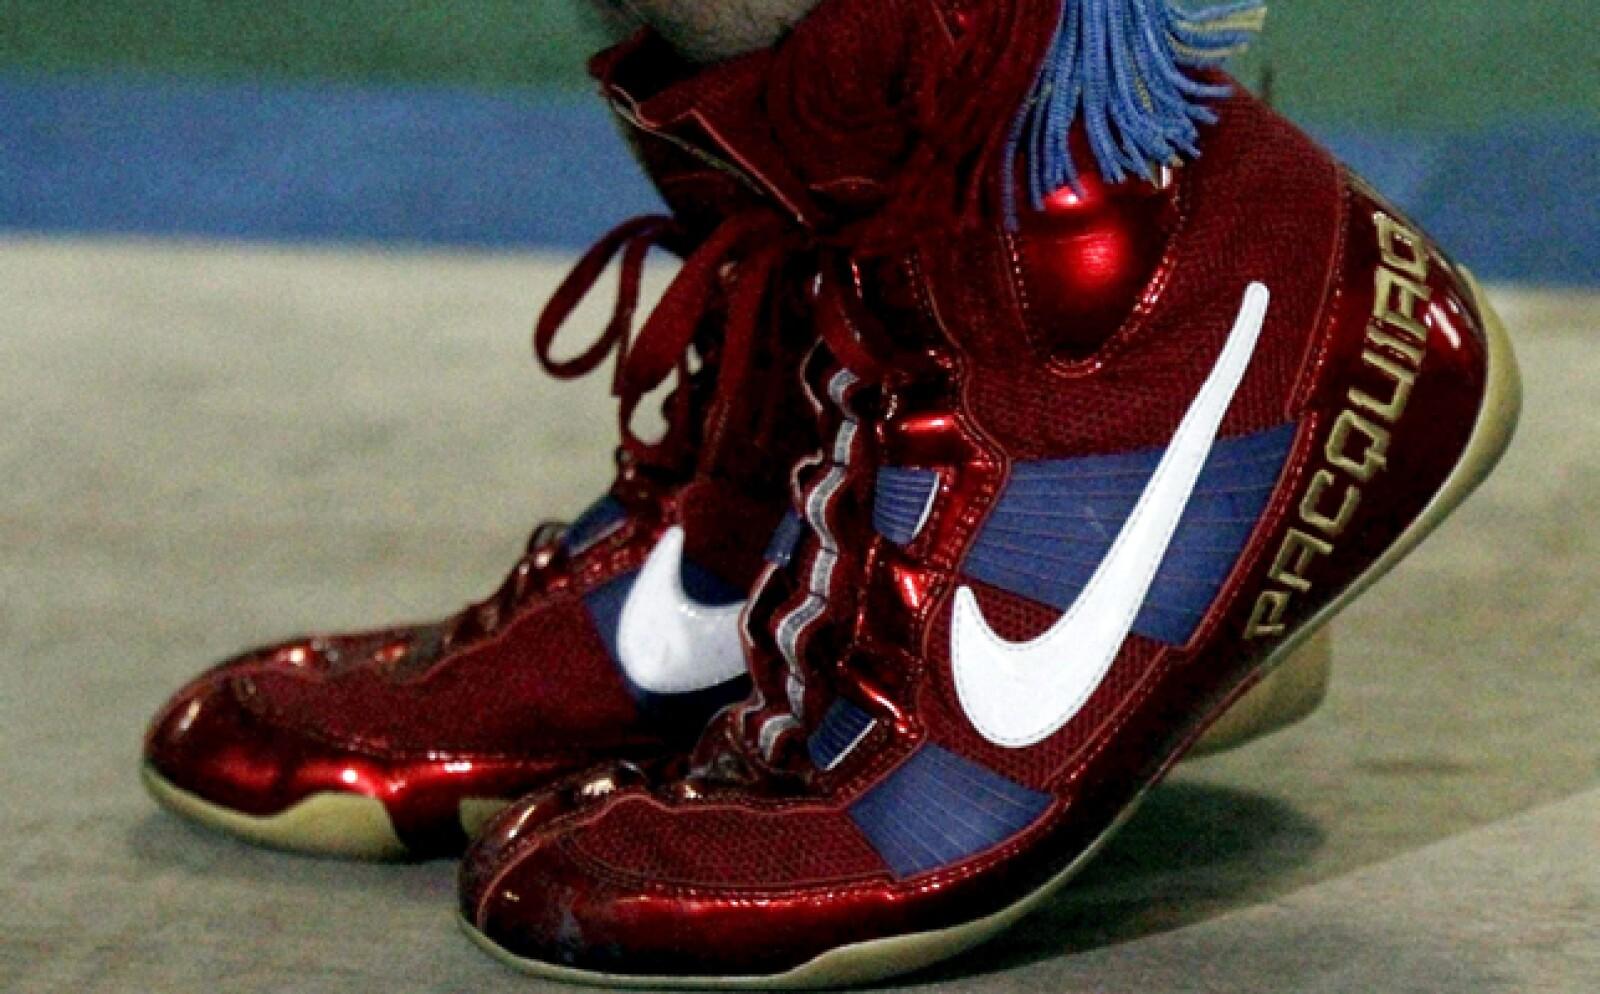 Una disculpa del boxeador filipino por su declaración antigay no bastó para que Nike lo perdonara